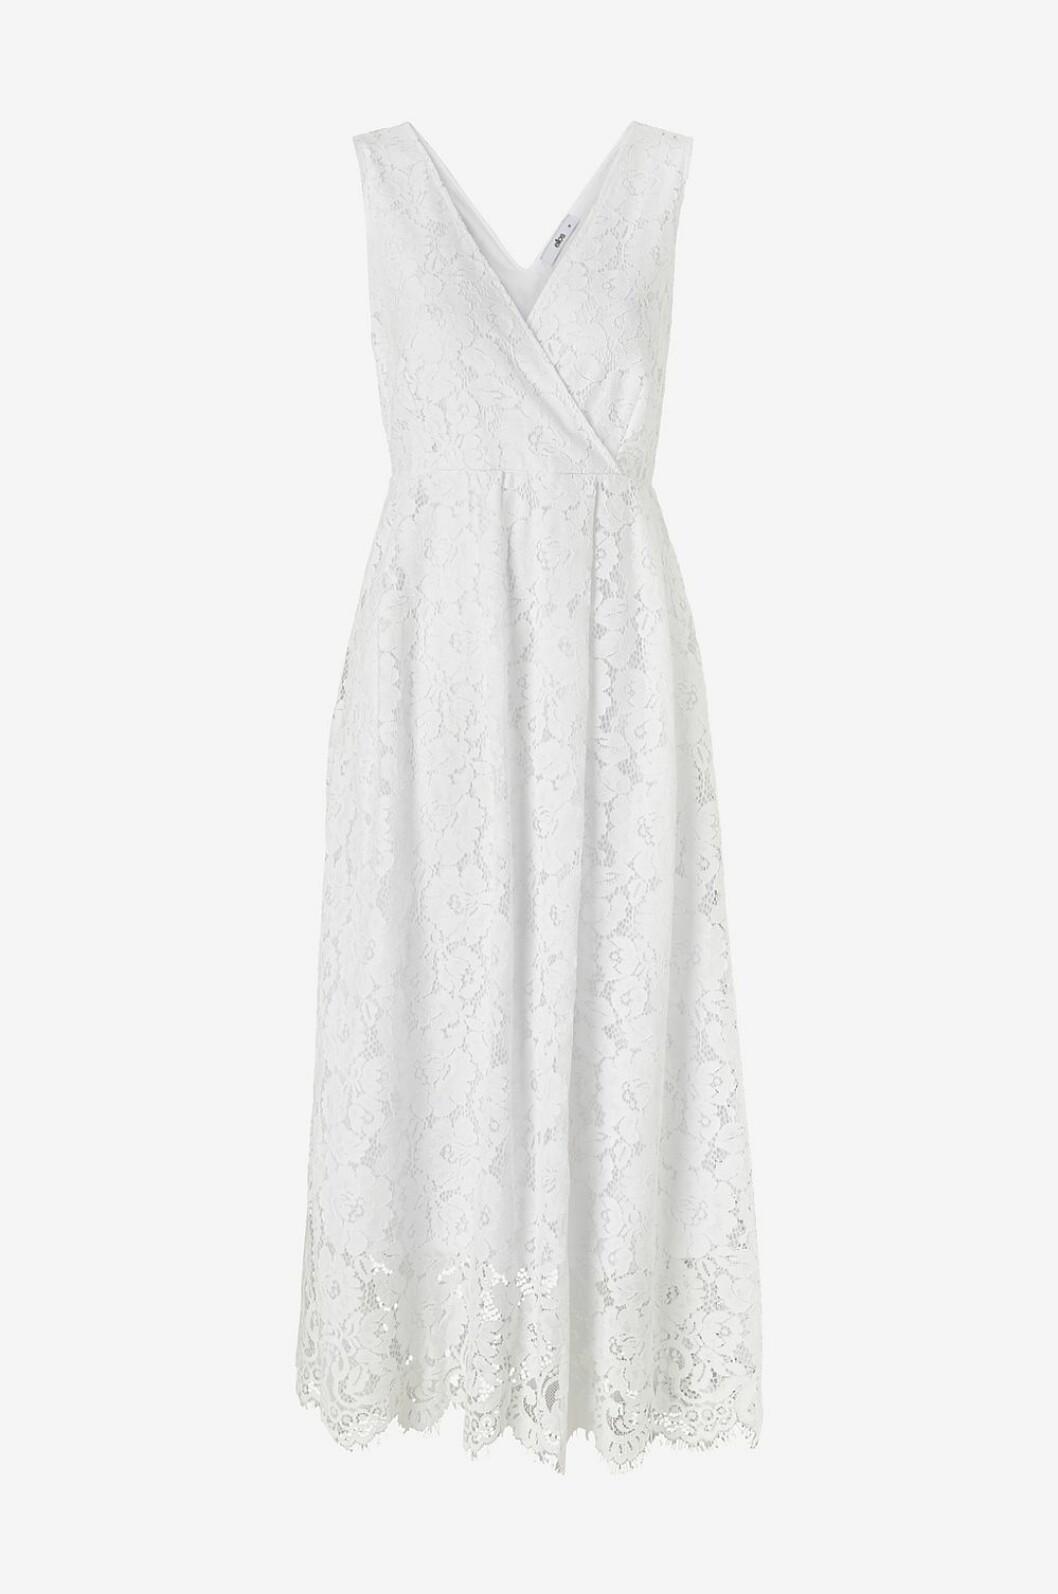 Vit ärmlös spetsklänning till sommaren 2020